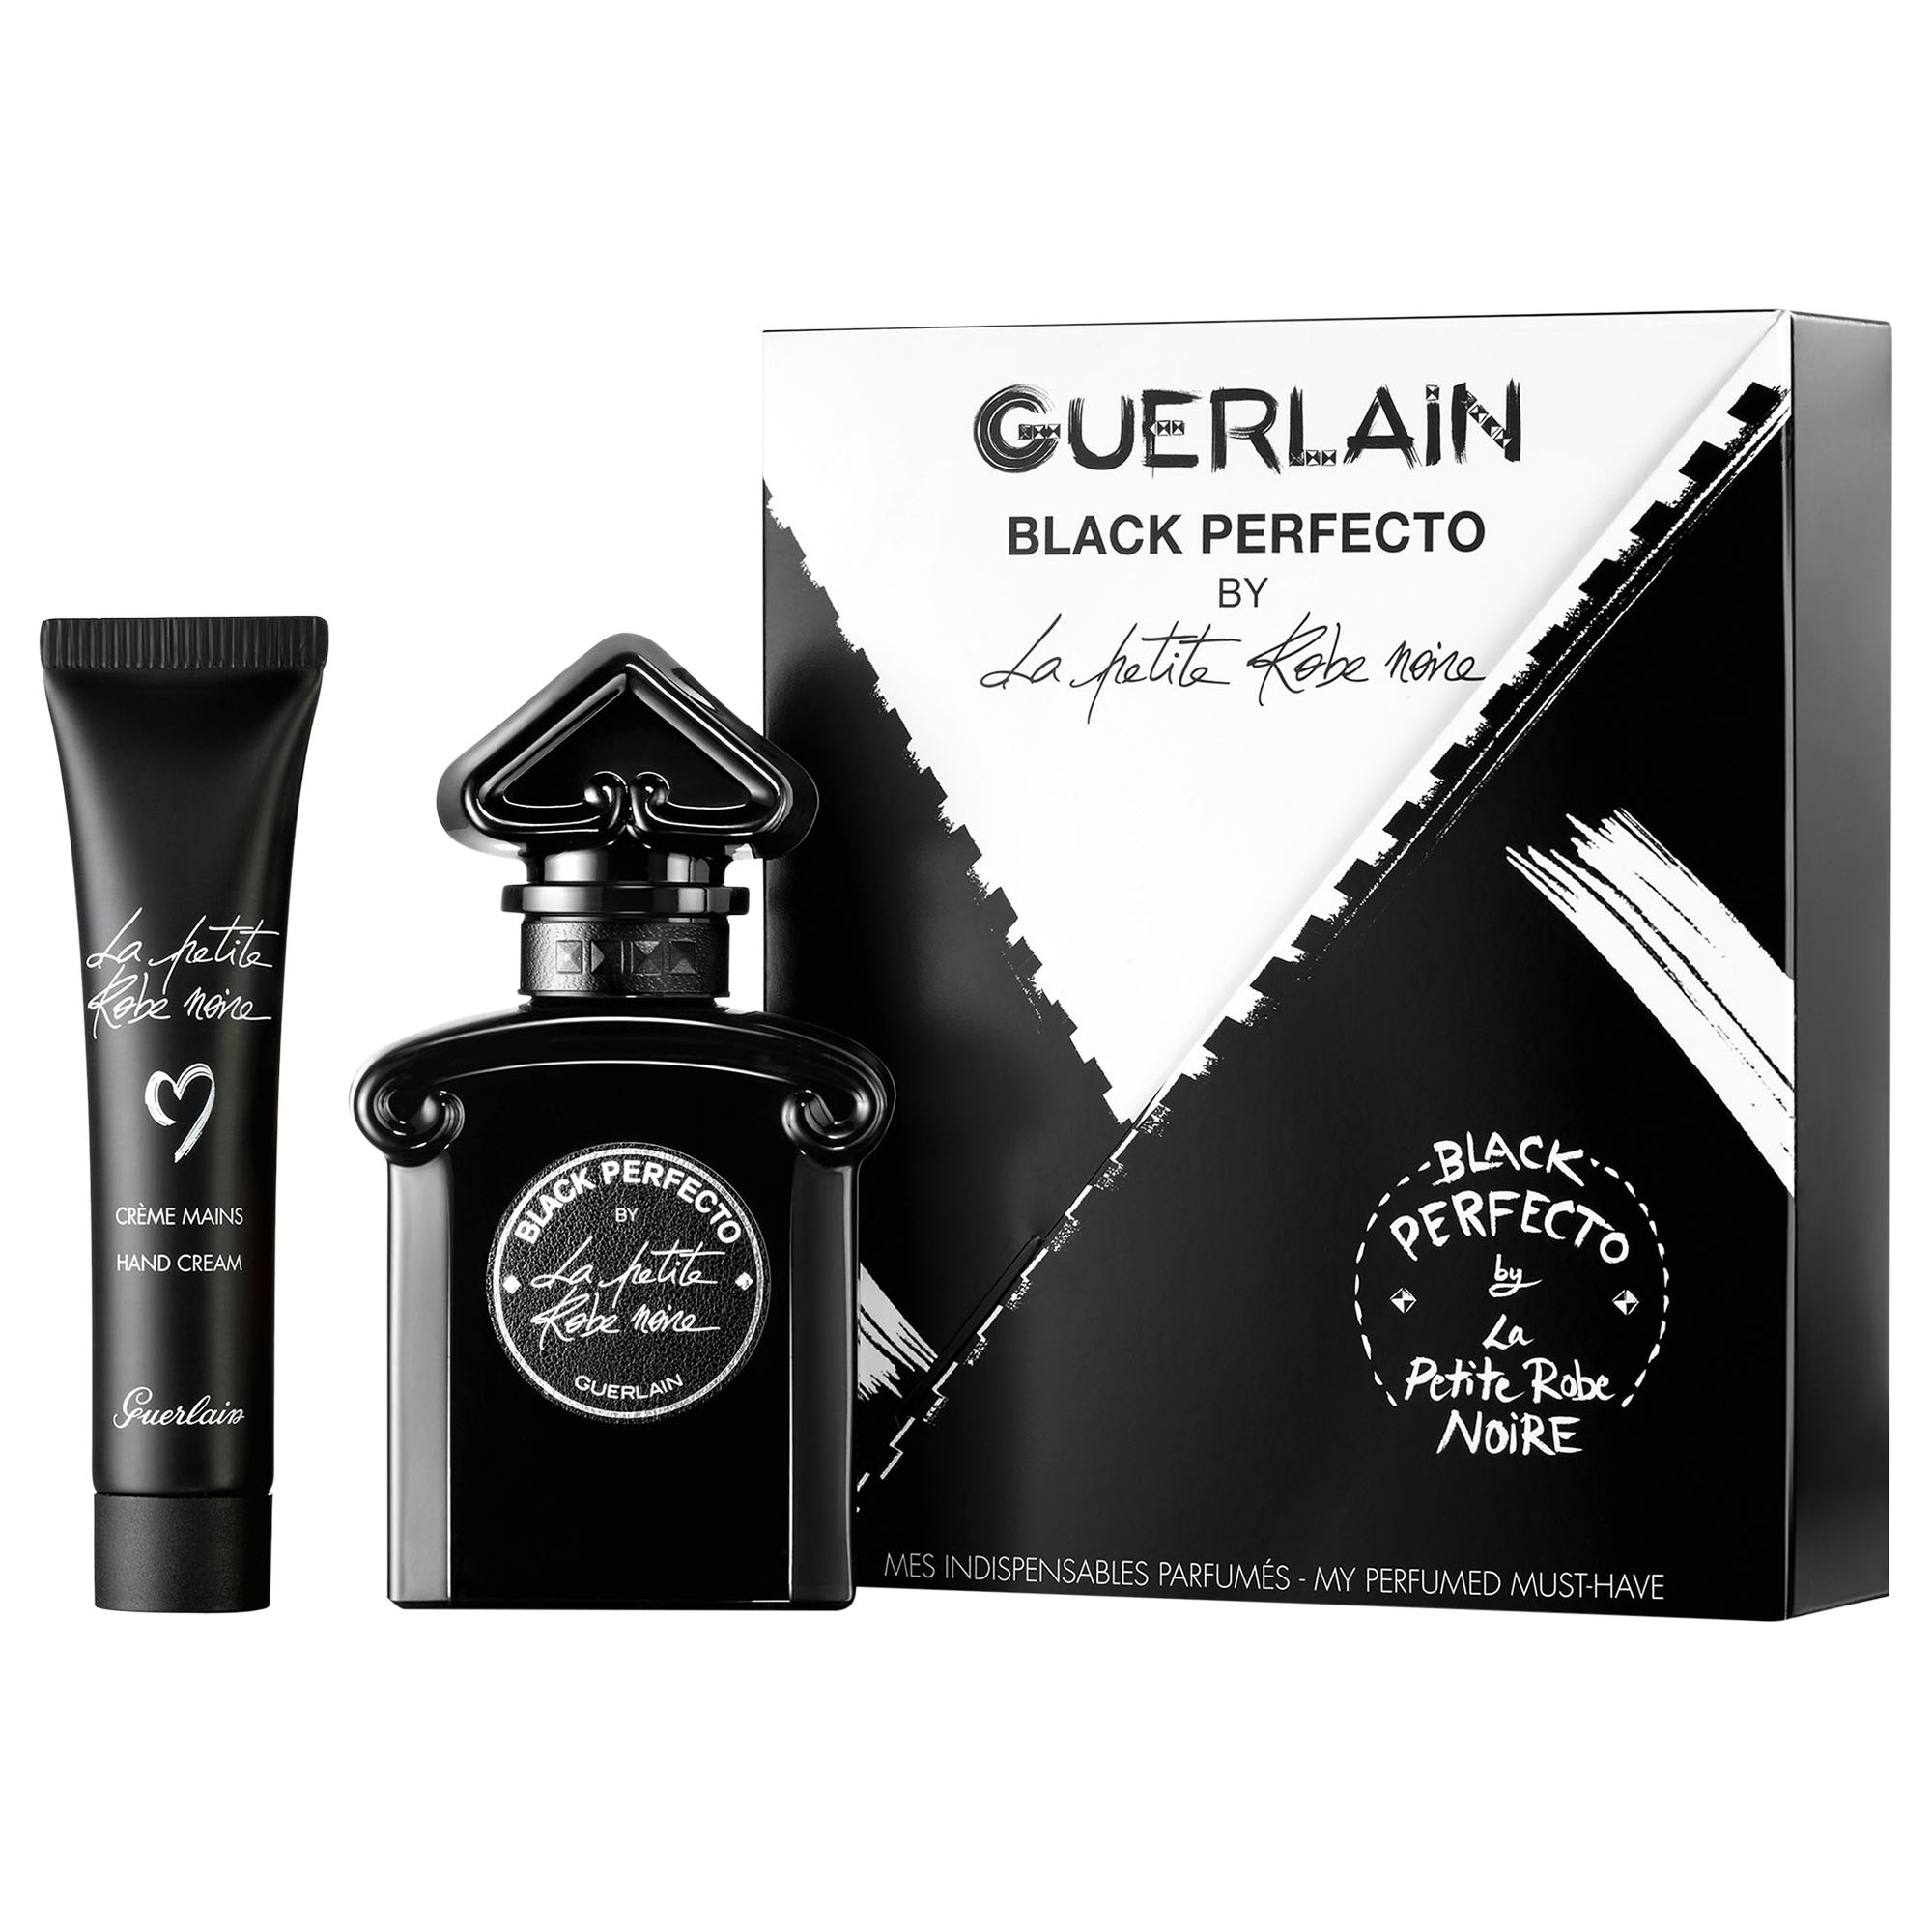 d16580d2de5 Guerlain La Petite Robe Noire Black Perfecto 30ml Eau de Parfum Fragrance  Gift Set